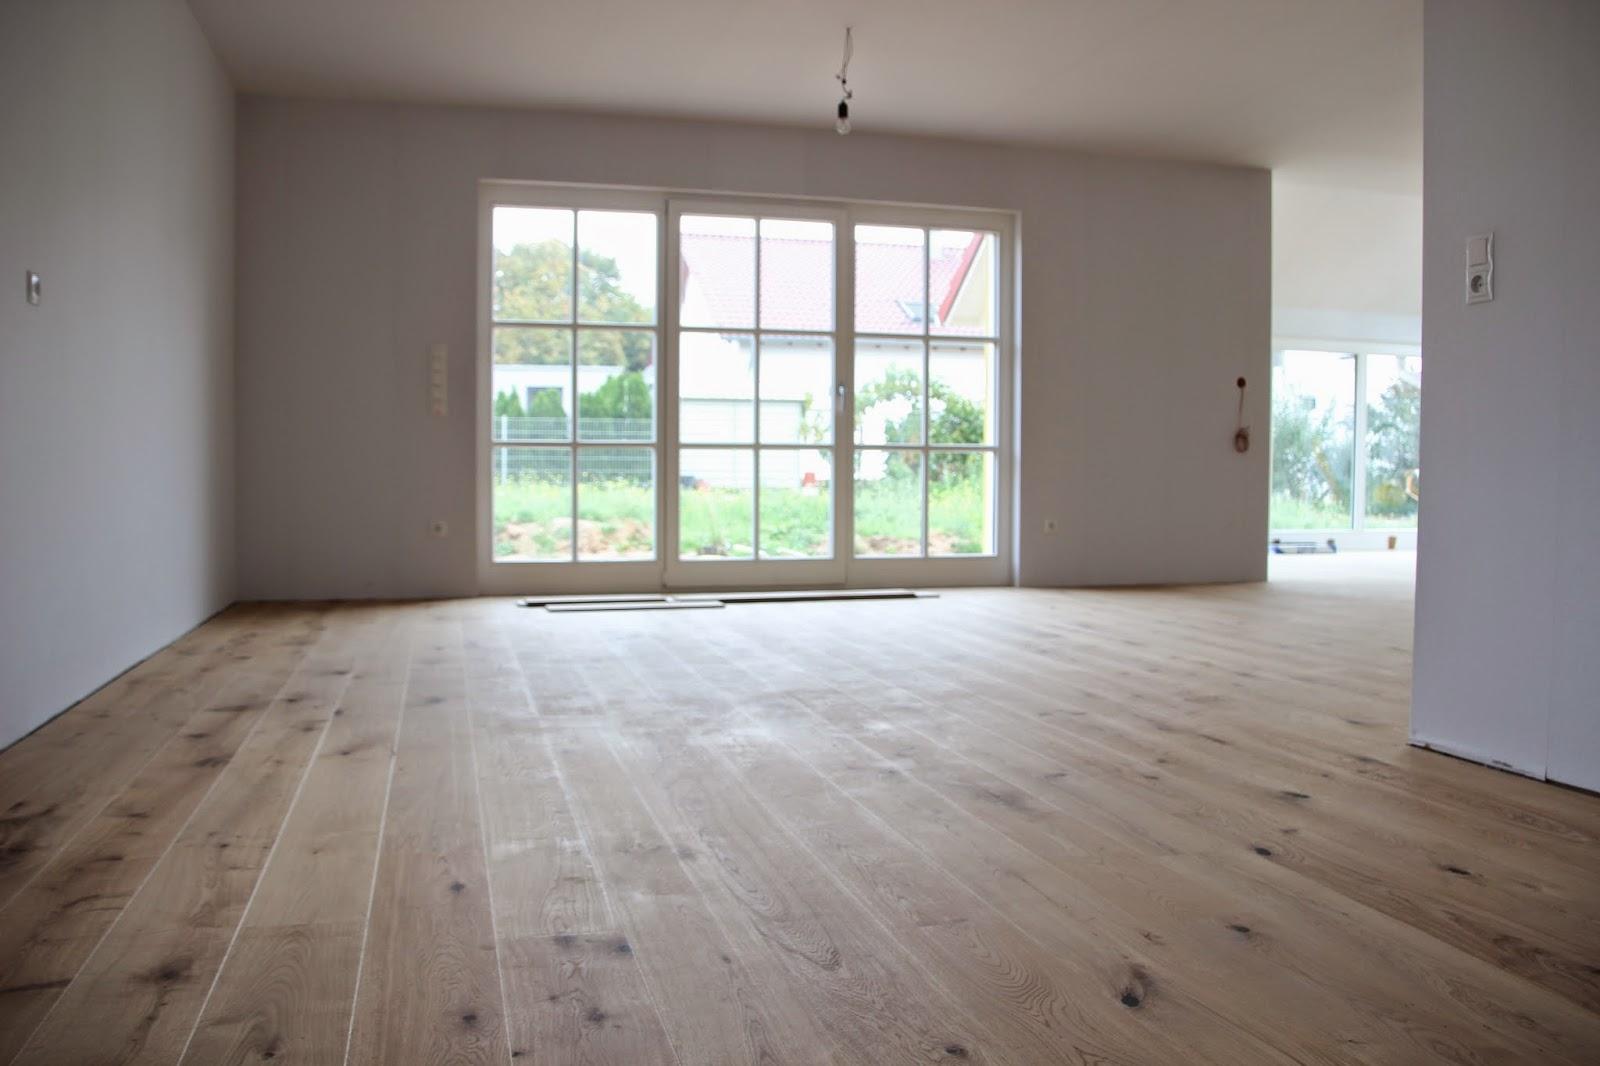 unsere villa sonnenschein. Black Bedroom Furniture Sets. Home Design Ideas